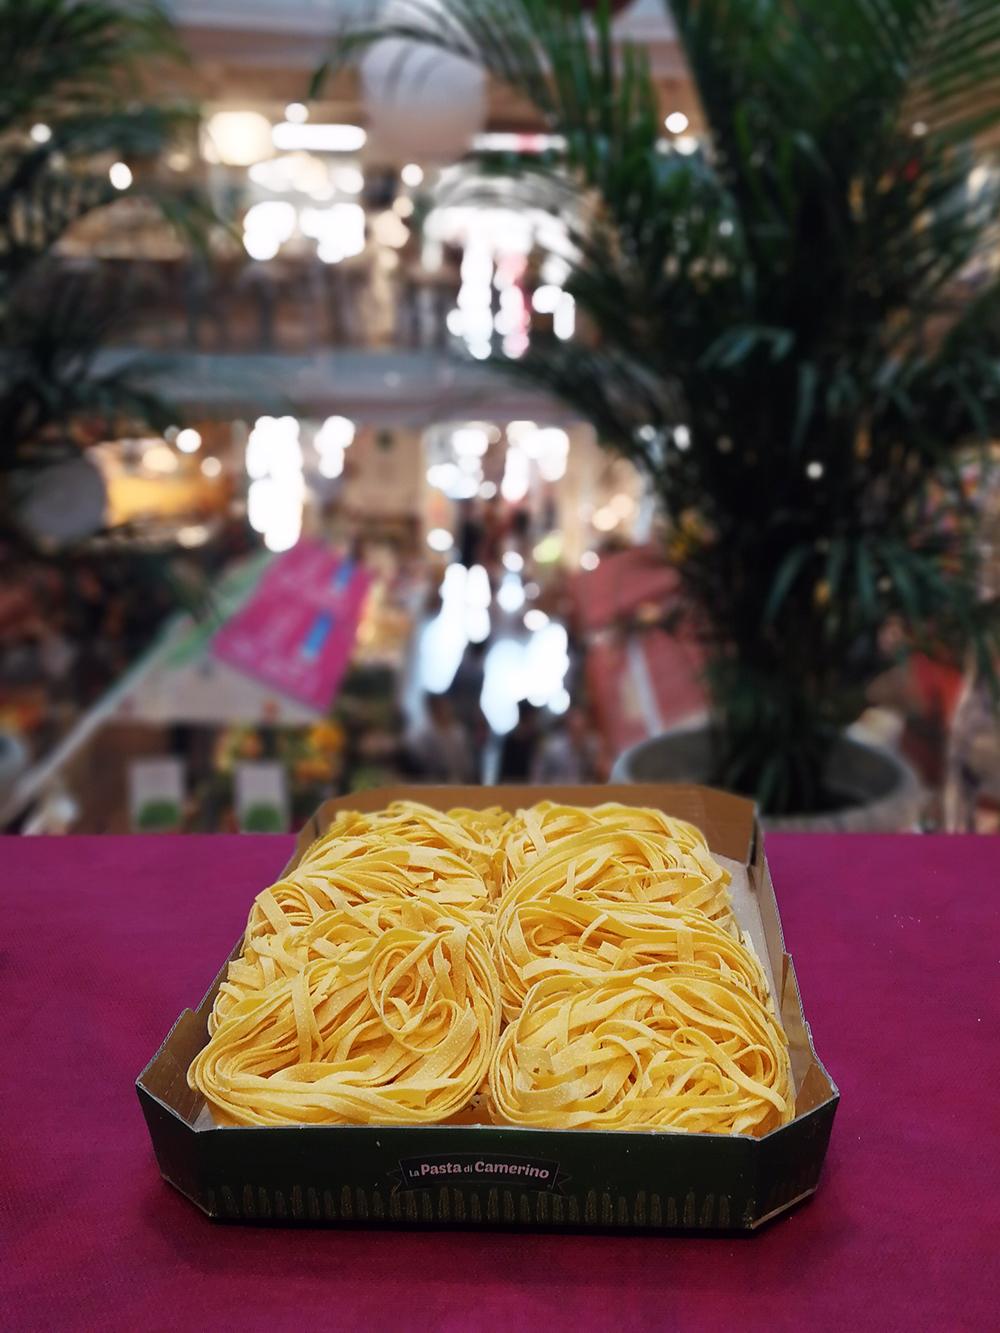 la pasta di camerino promuove eventi da eataly milano